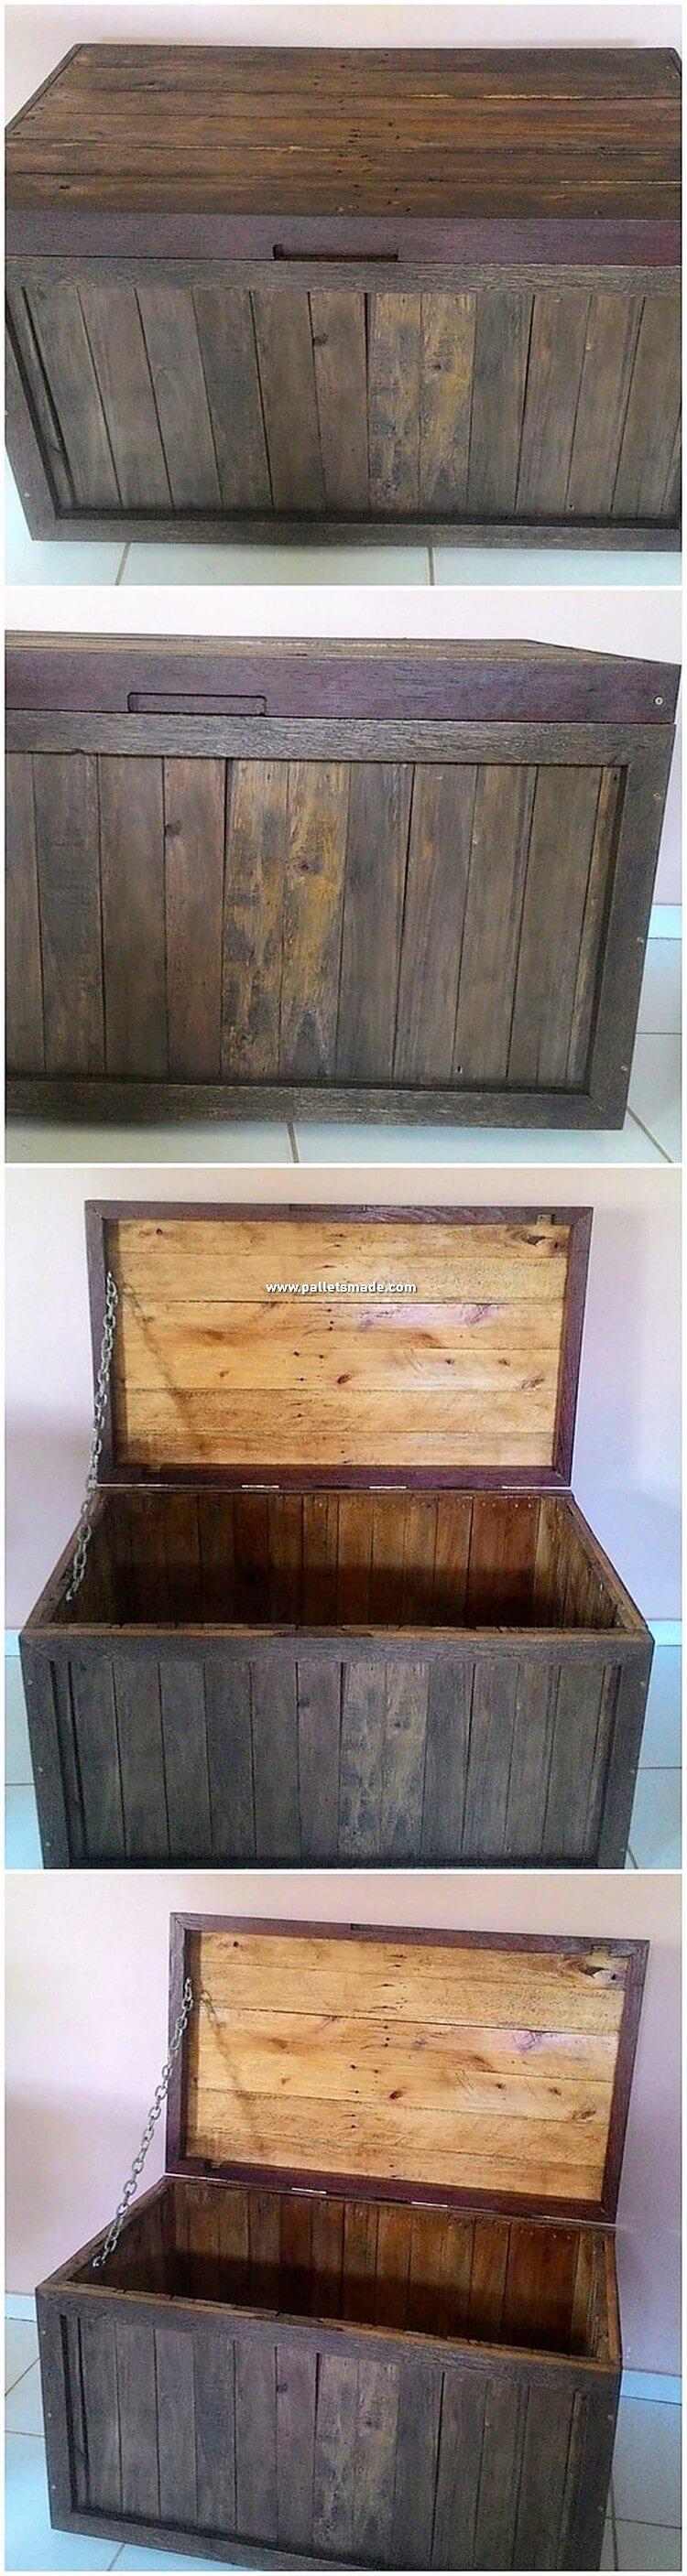 Wooden Pallet Storage Box